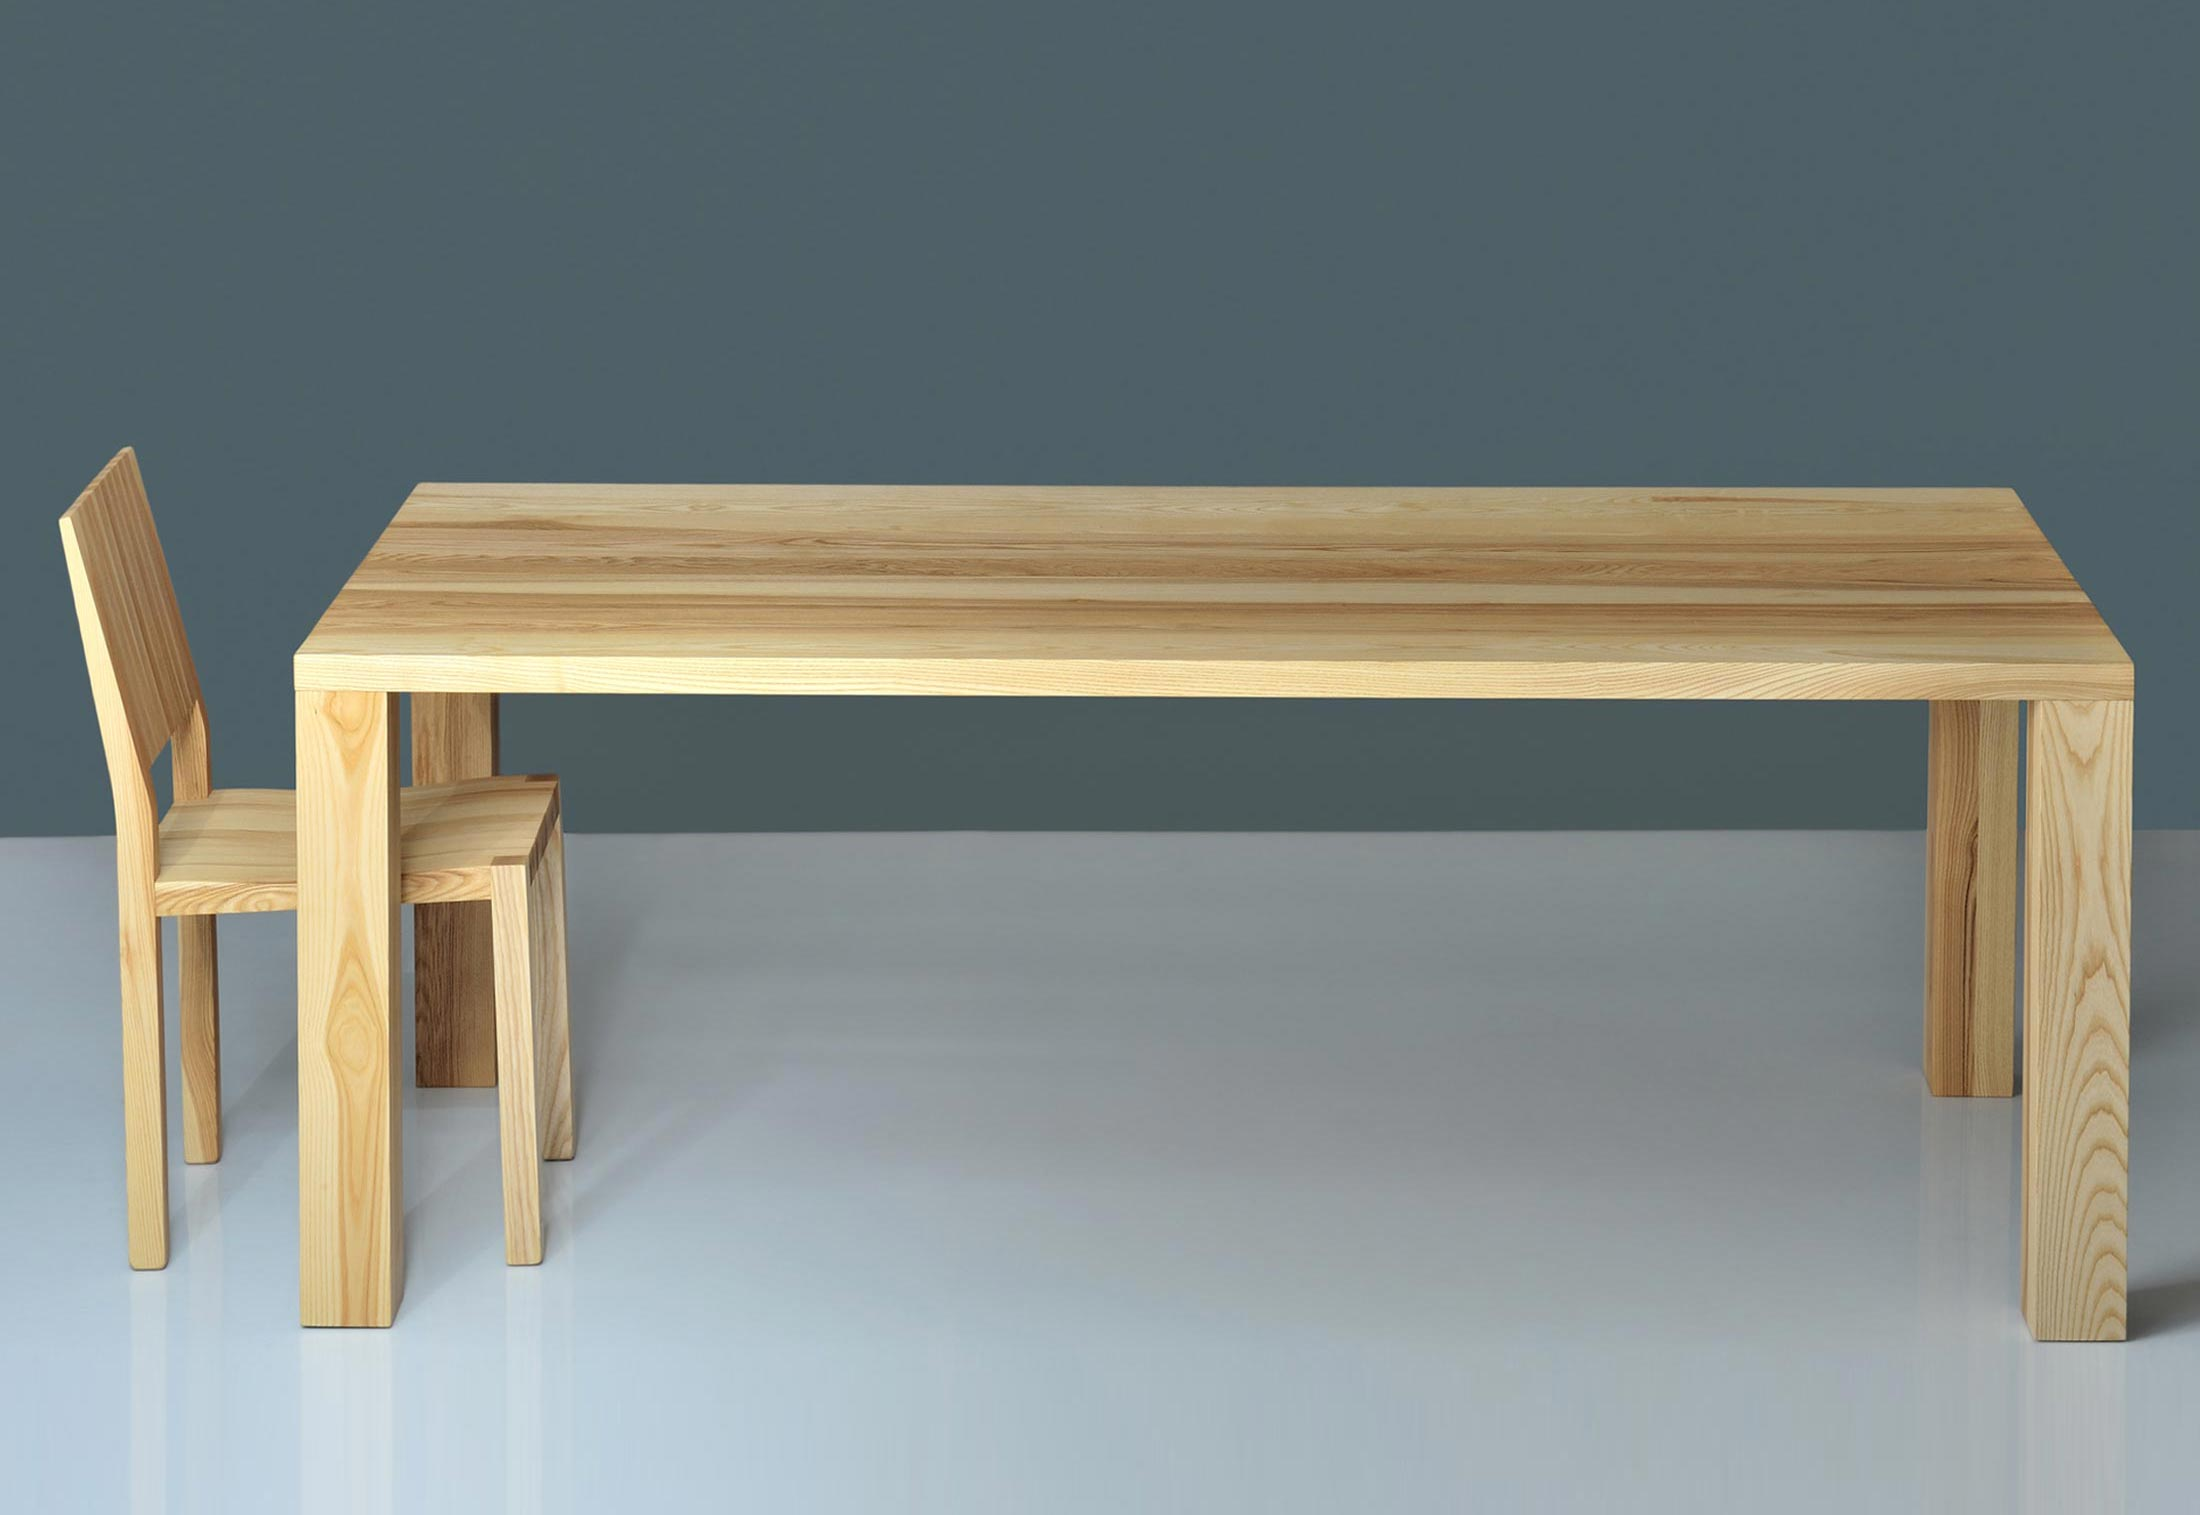 Iustus tisch von vitamin design stylepark for Tisch vitamin design